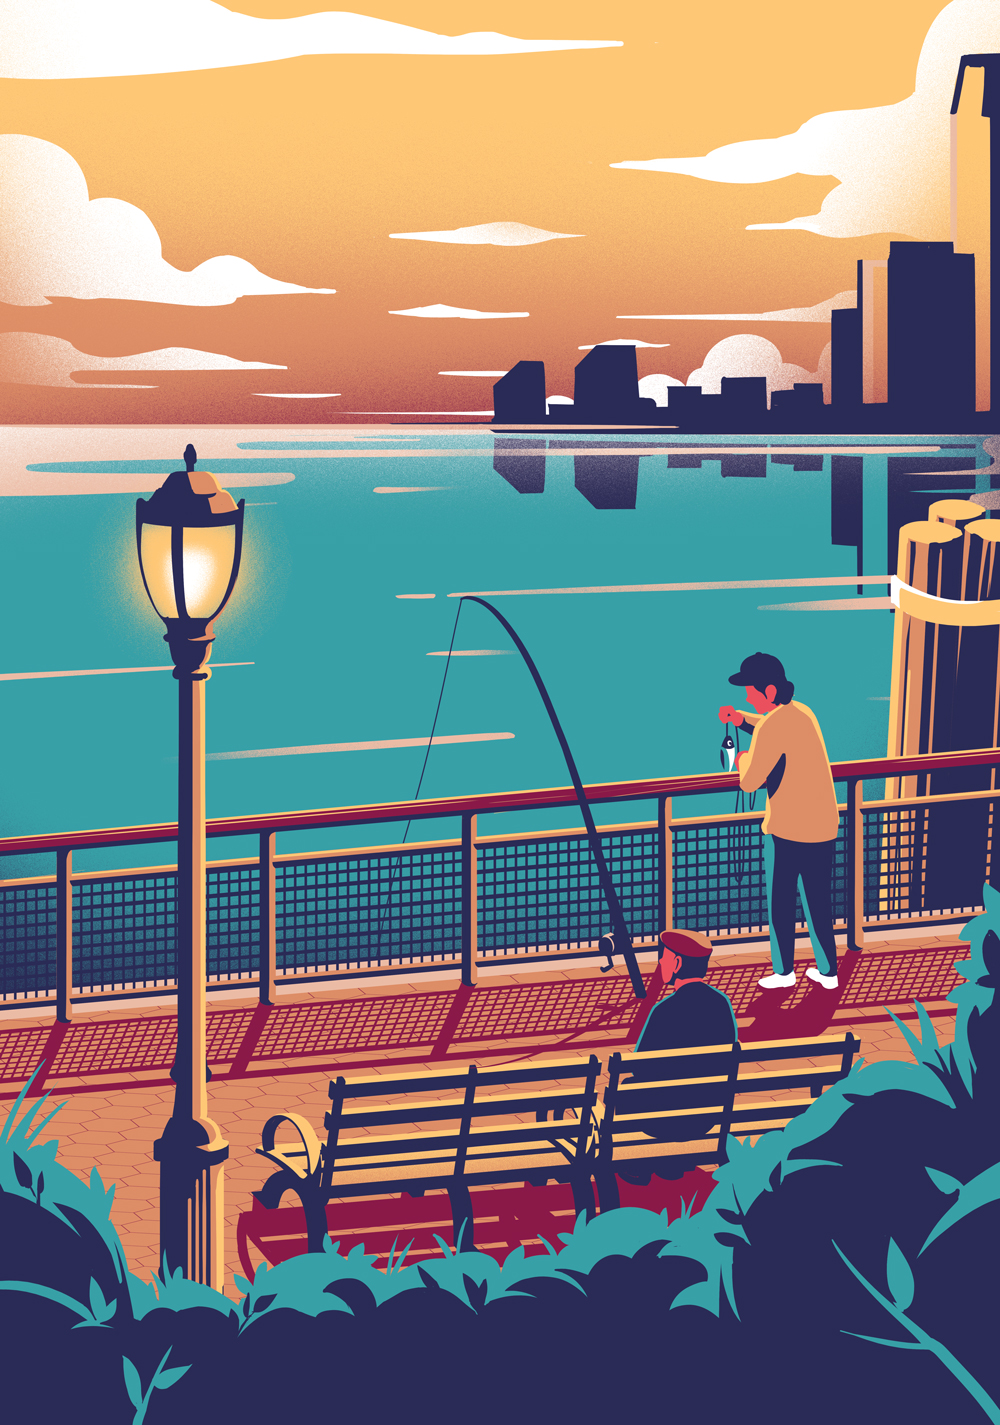 Fishing in New York - EC251